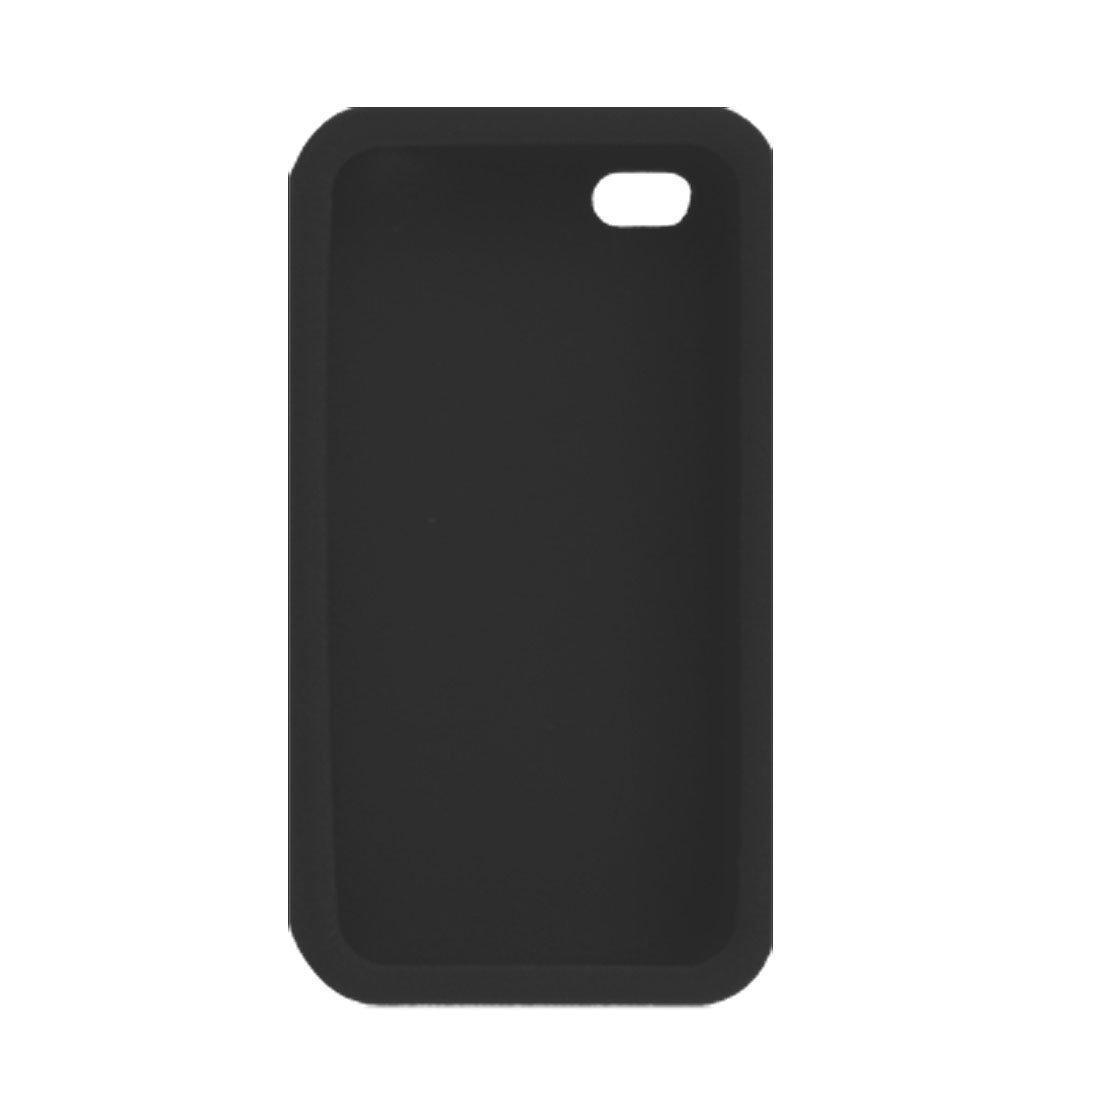 Housse de protection noire antidérapants en silicone pour Apple iPhone 4G 4